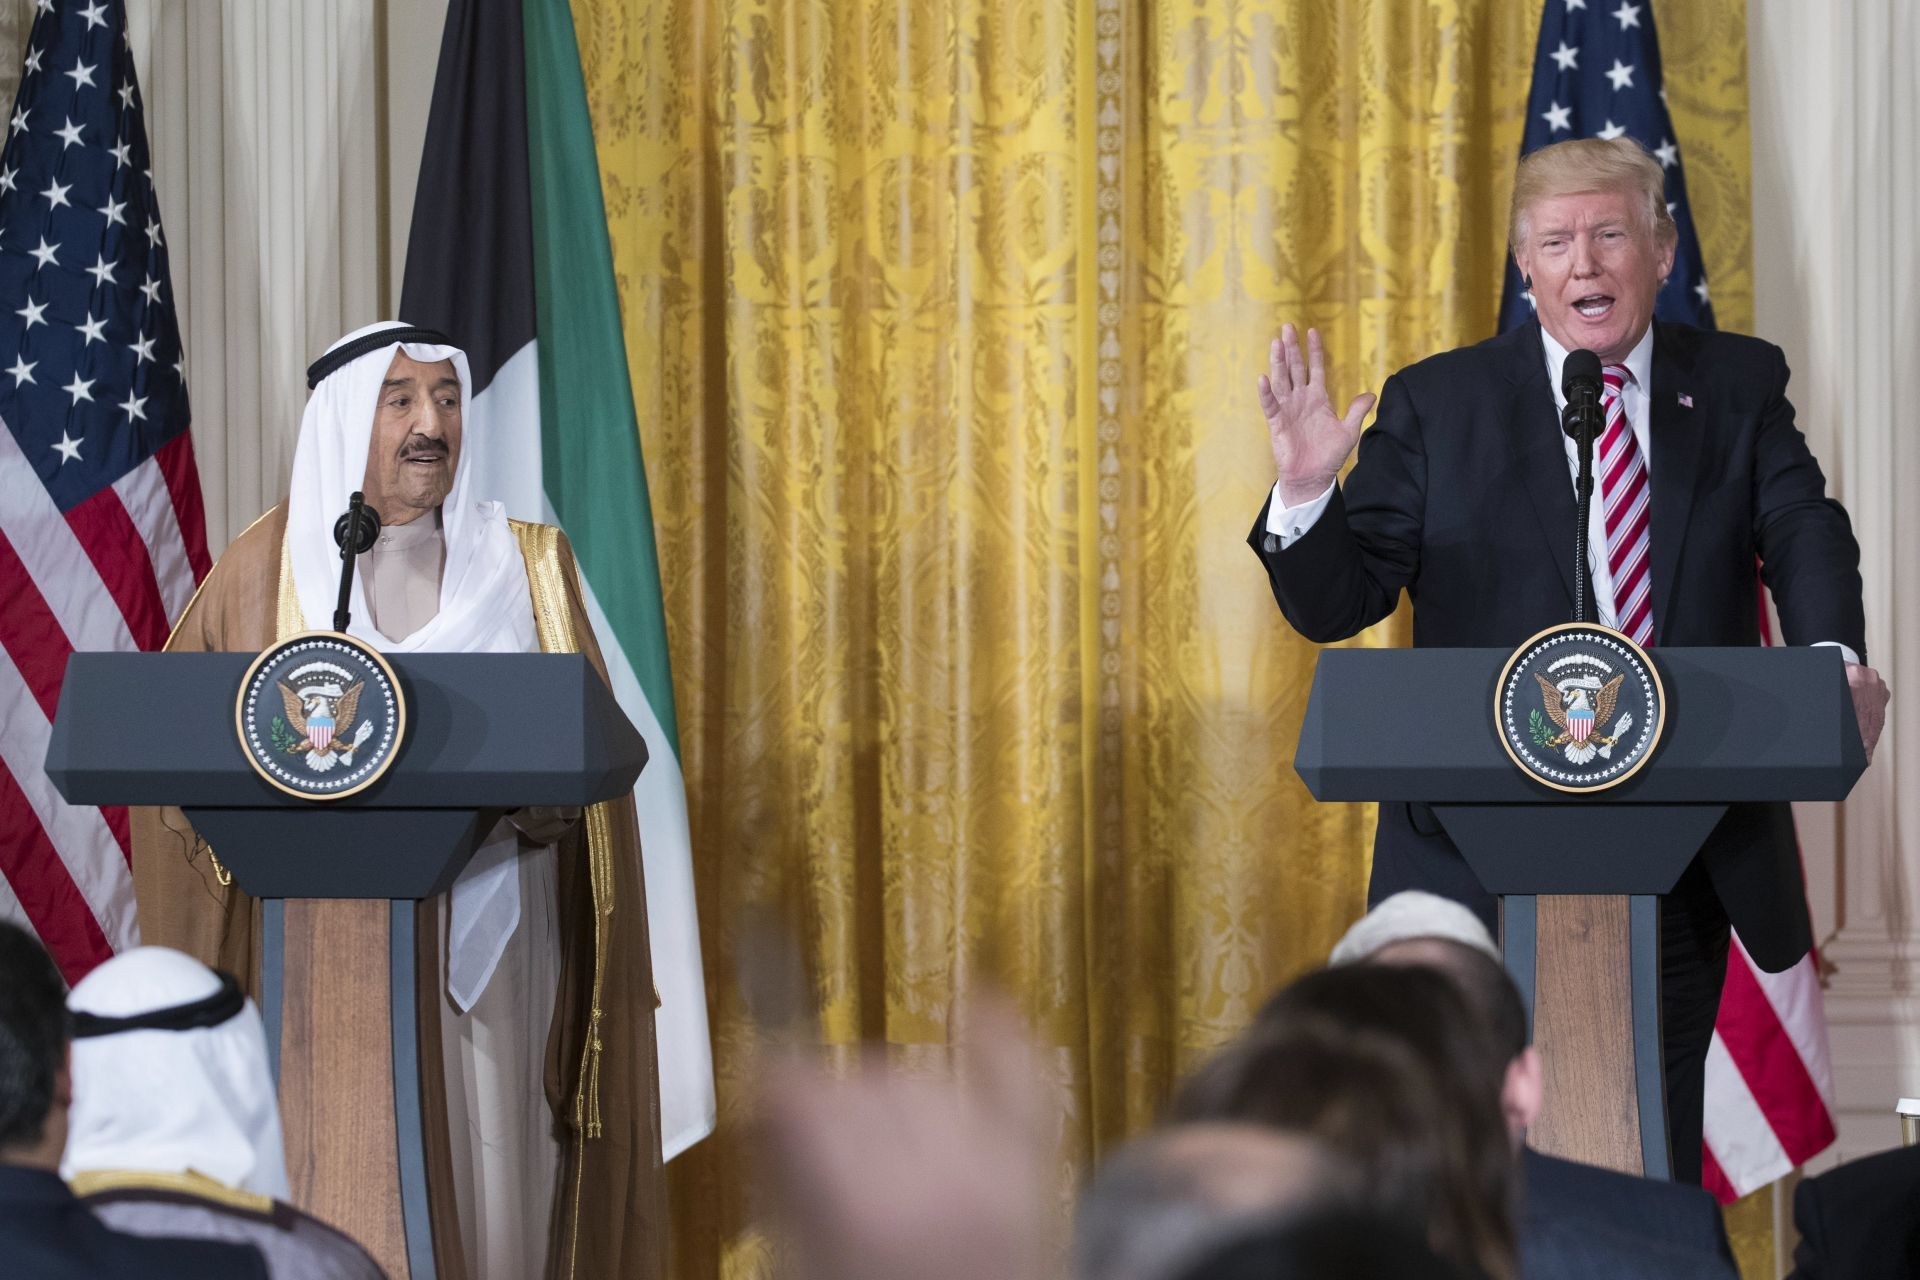 El presidente de los Estados Unidos Donald J. Trump (d) responde preguntas a periodistas durante una rueda de prensa conjunta con Amir Sabah al-Ahmed al-Jaber al-Sabah (i) de Kuwait hoy, jueves 7 de septiembre de 2017, en el Salón Este de la Casa Blanca en Washington (EE.UU.).